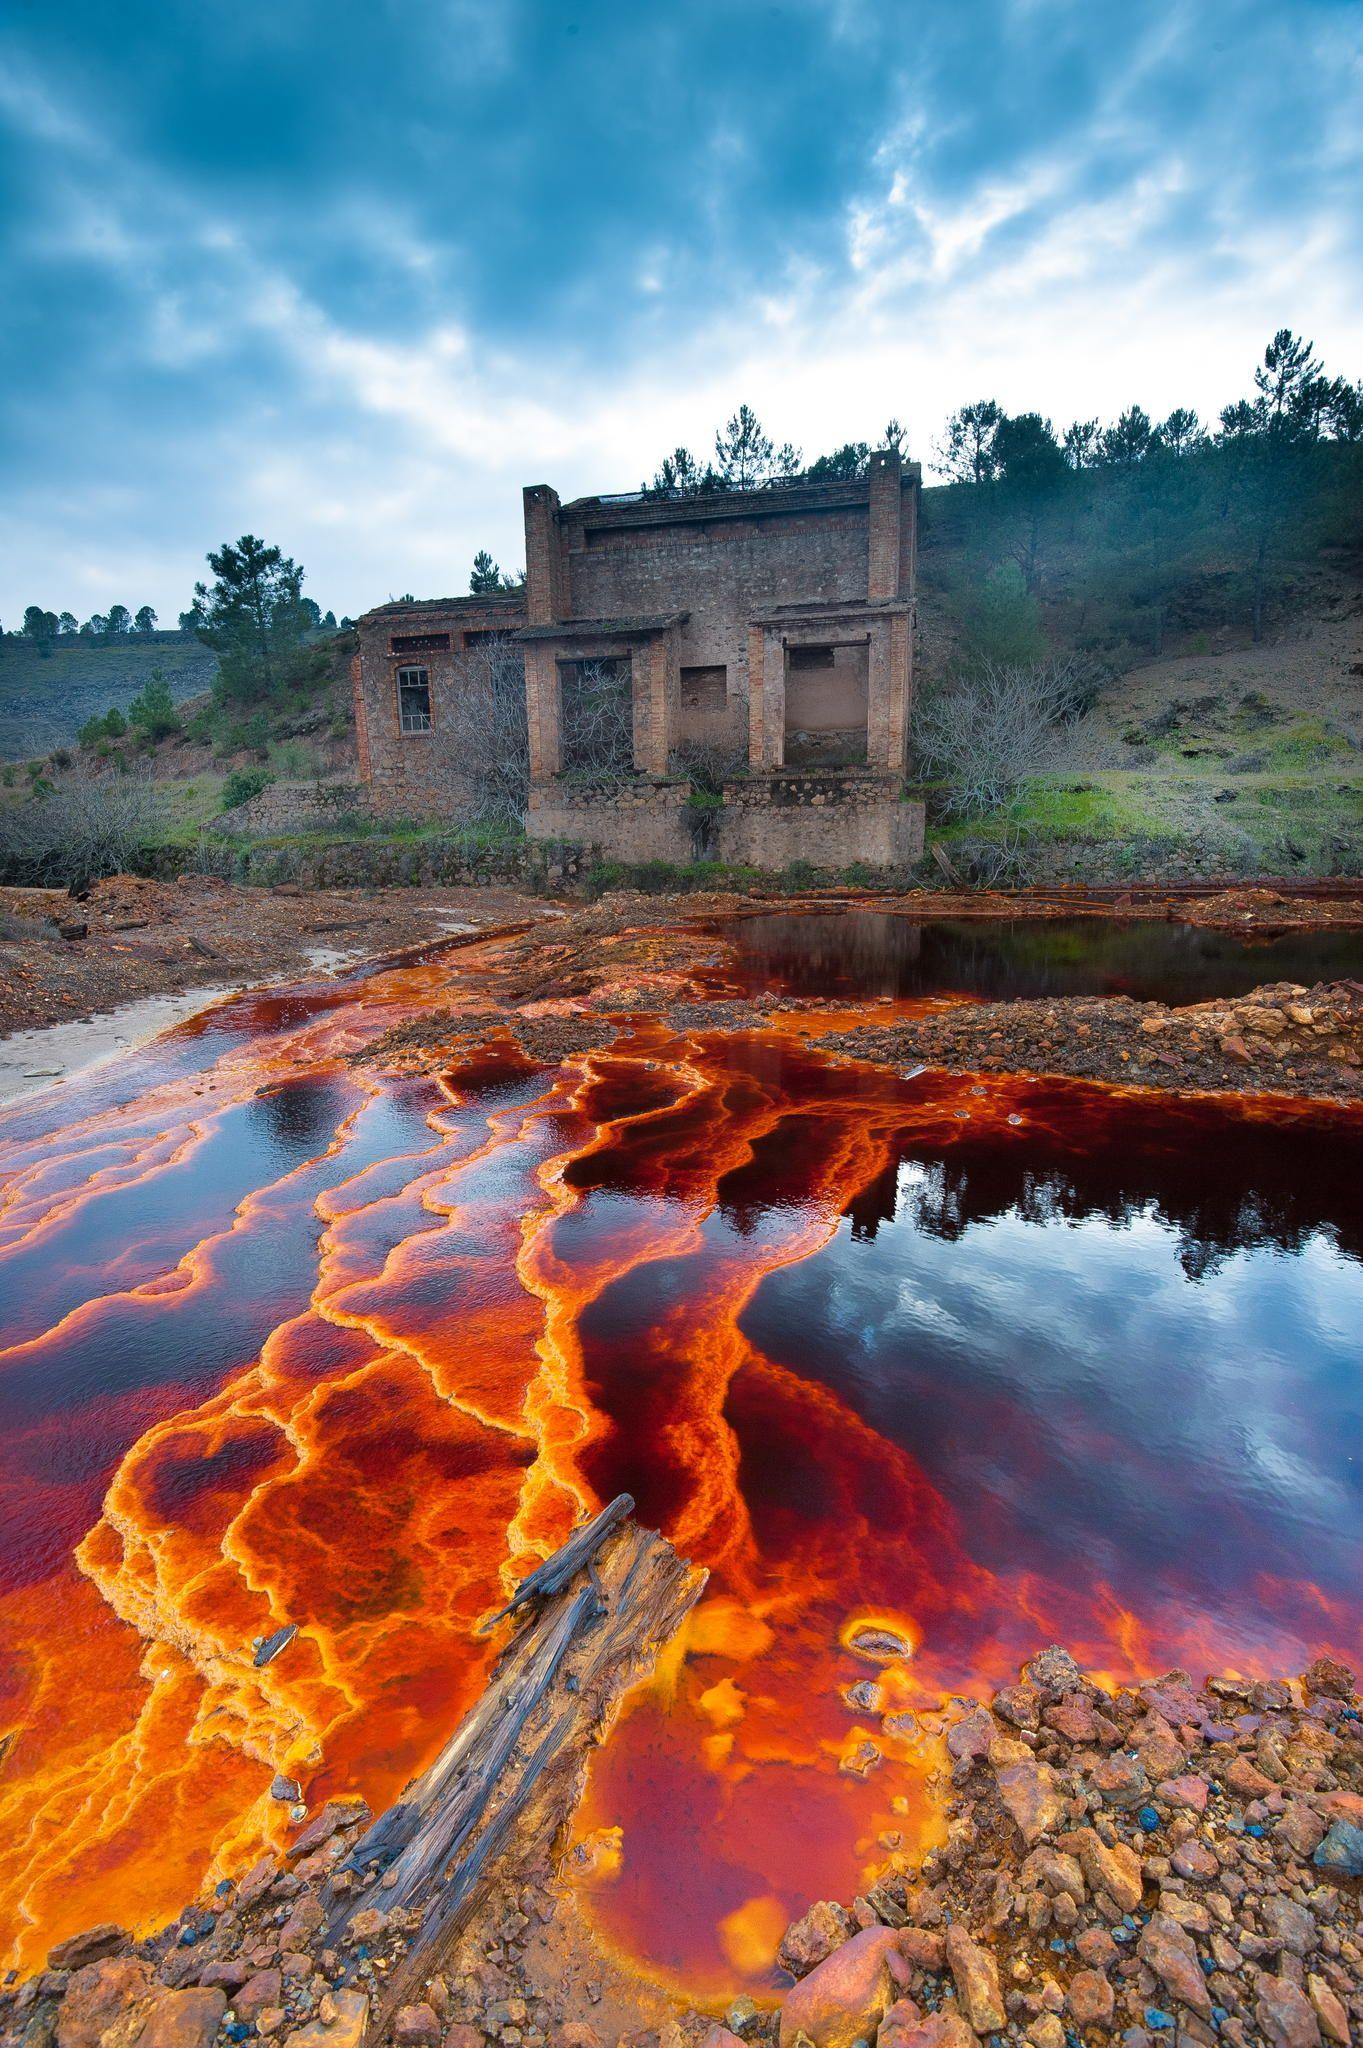 Province huelva hides one our favourite natural, rio tinto espana